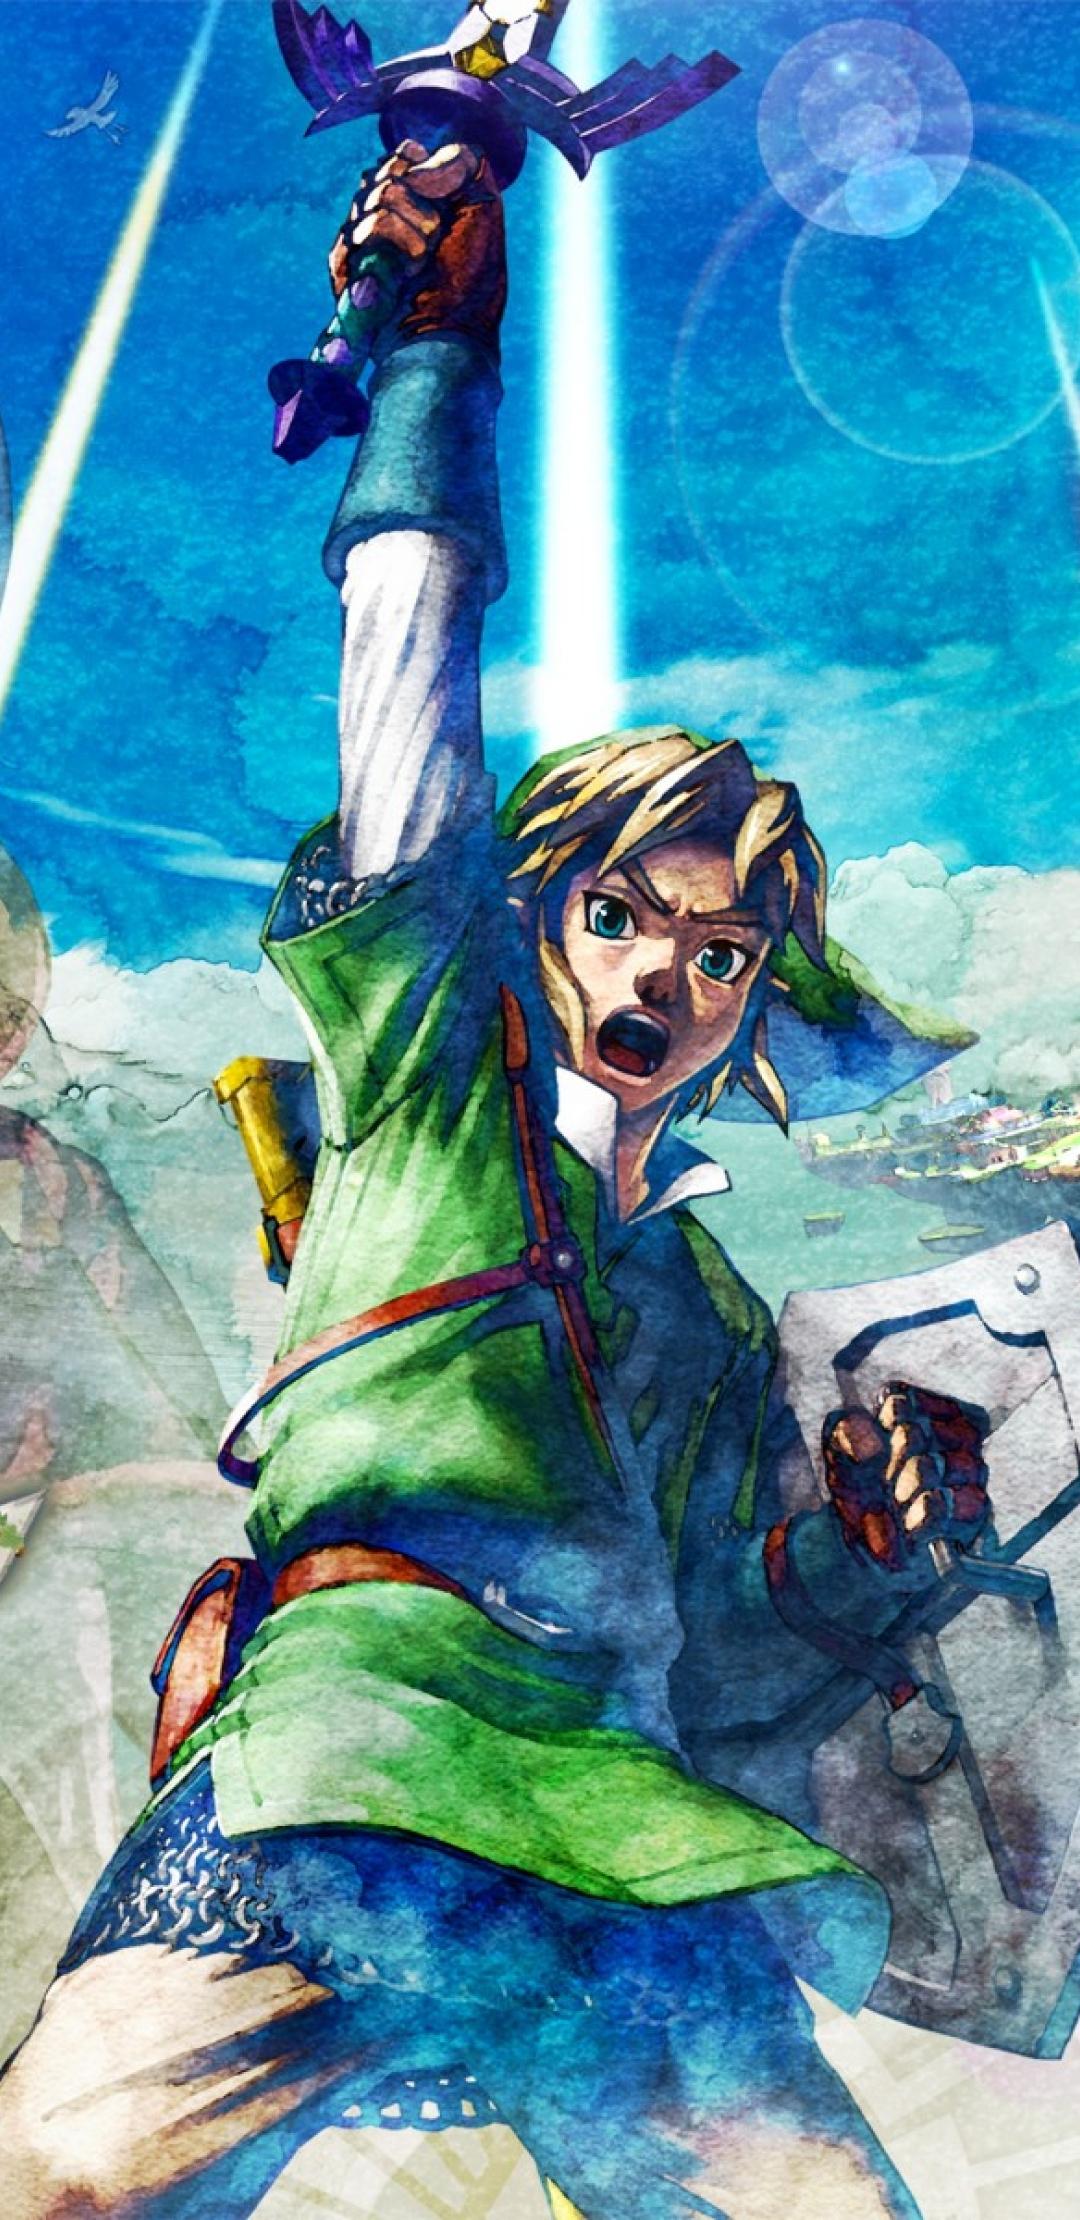 1080x2220 The Legend Of Zelda Skyward Sword Nintendo Ead Legend